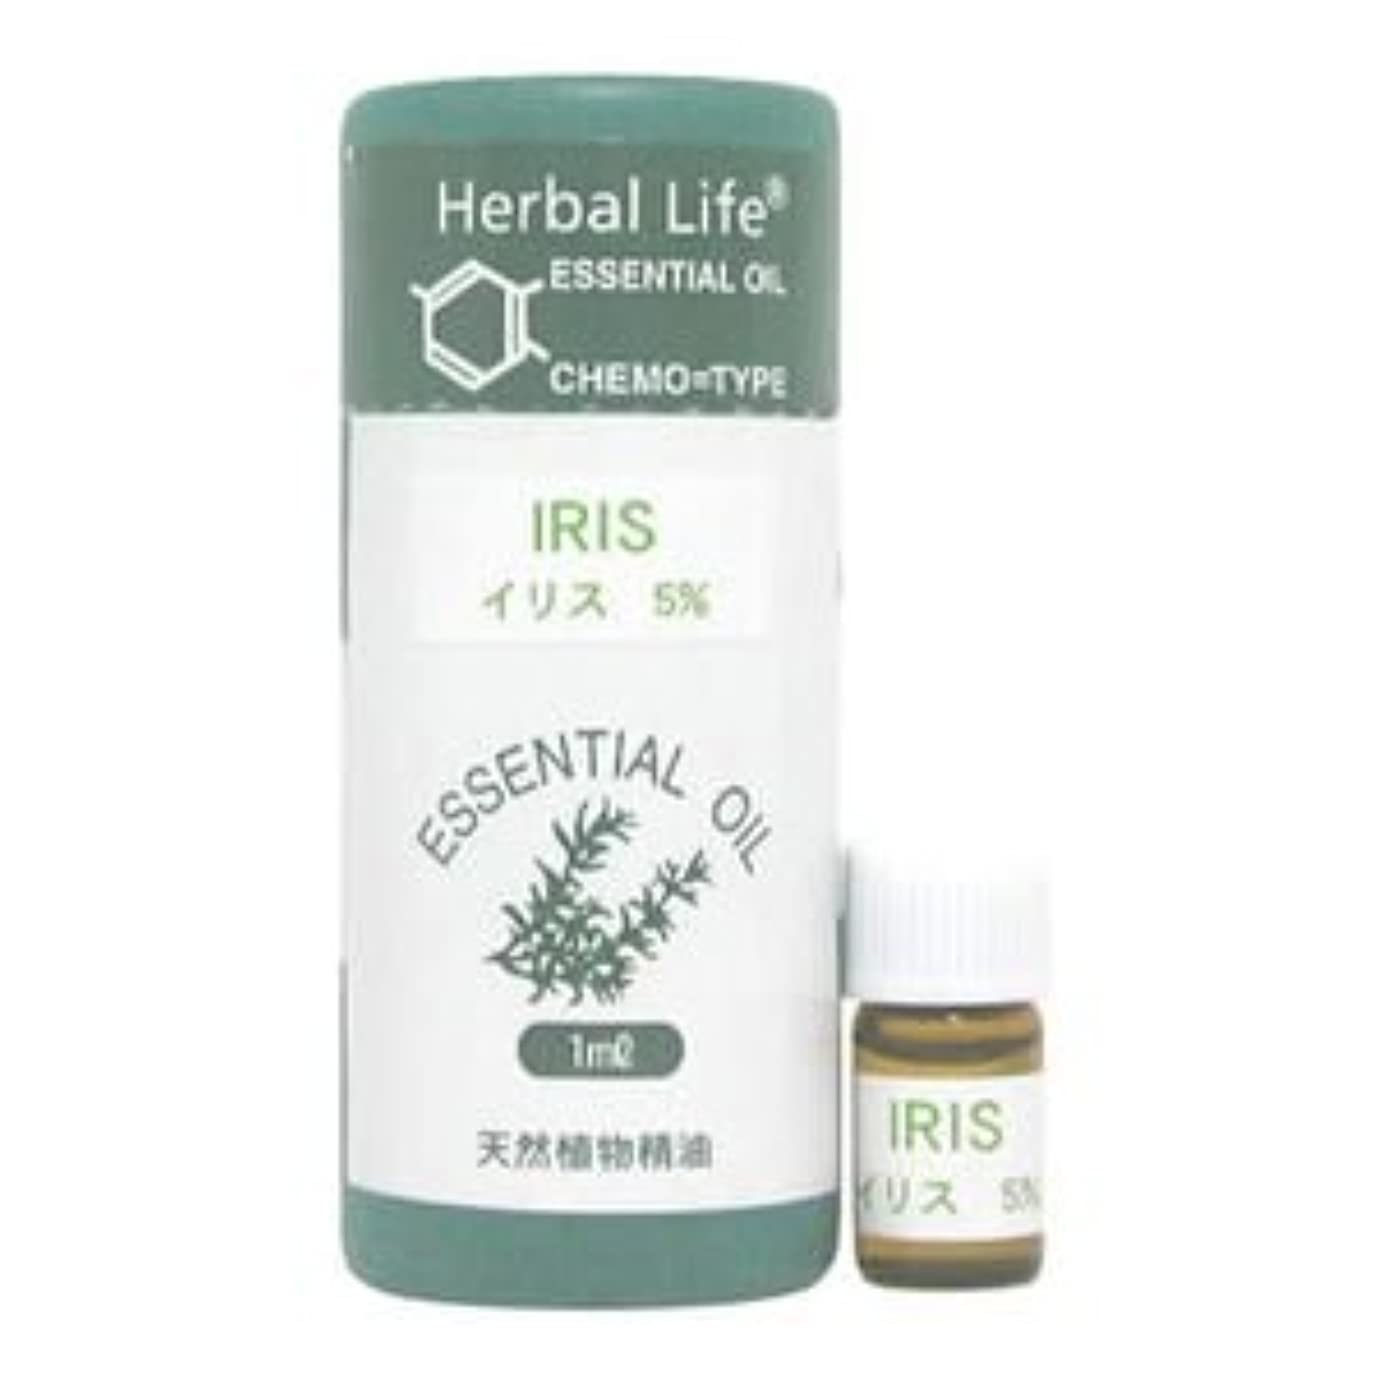 きらめくアコード魔術師Herbal Life イリス(5%希釈液) 1ml